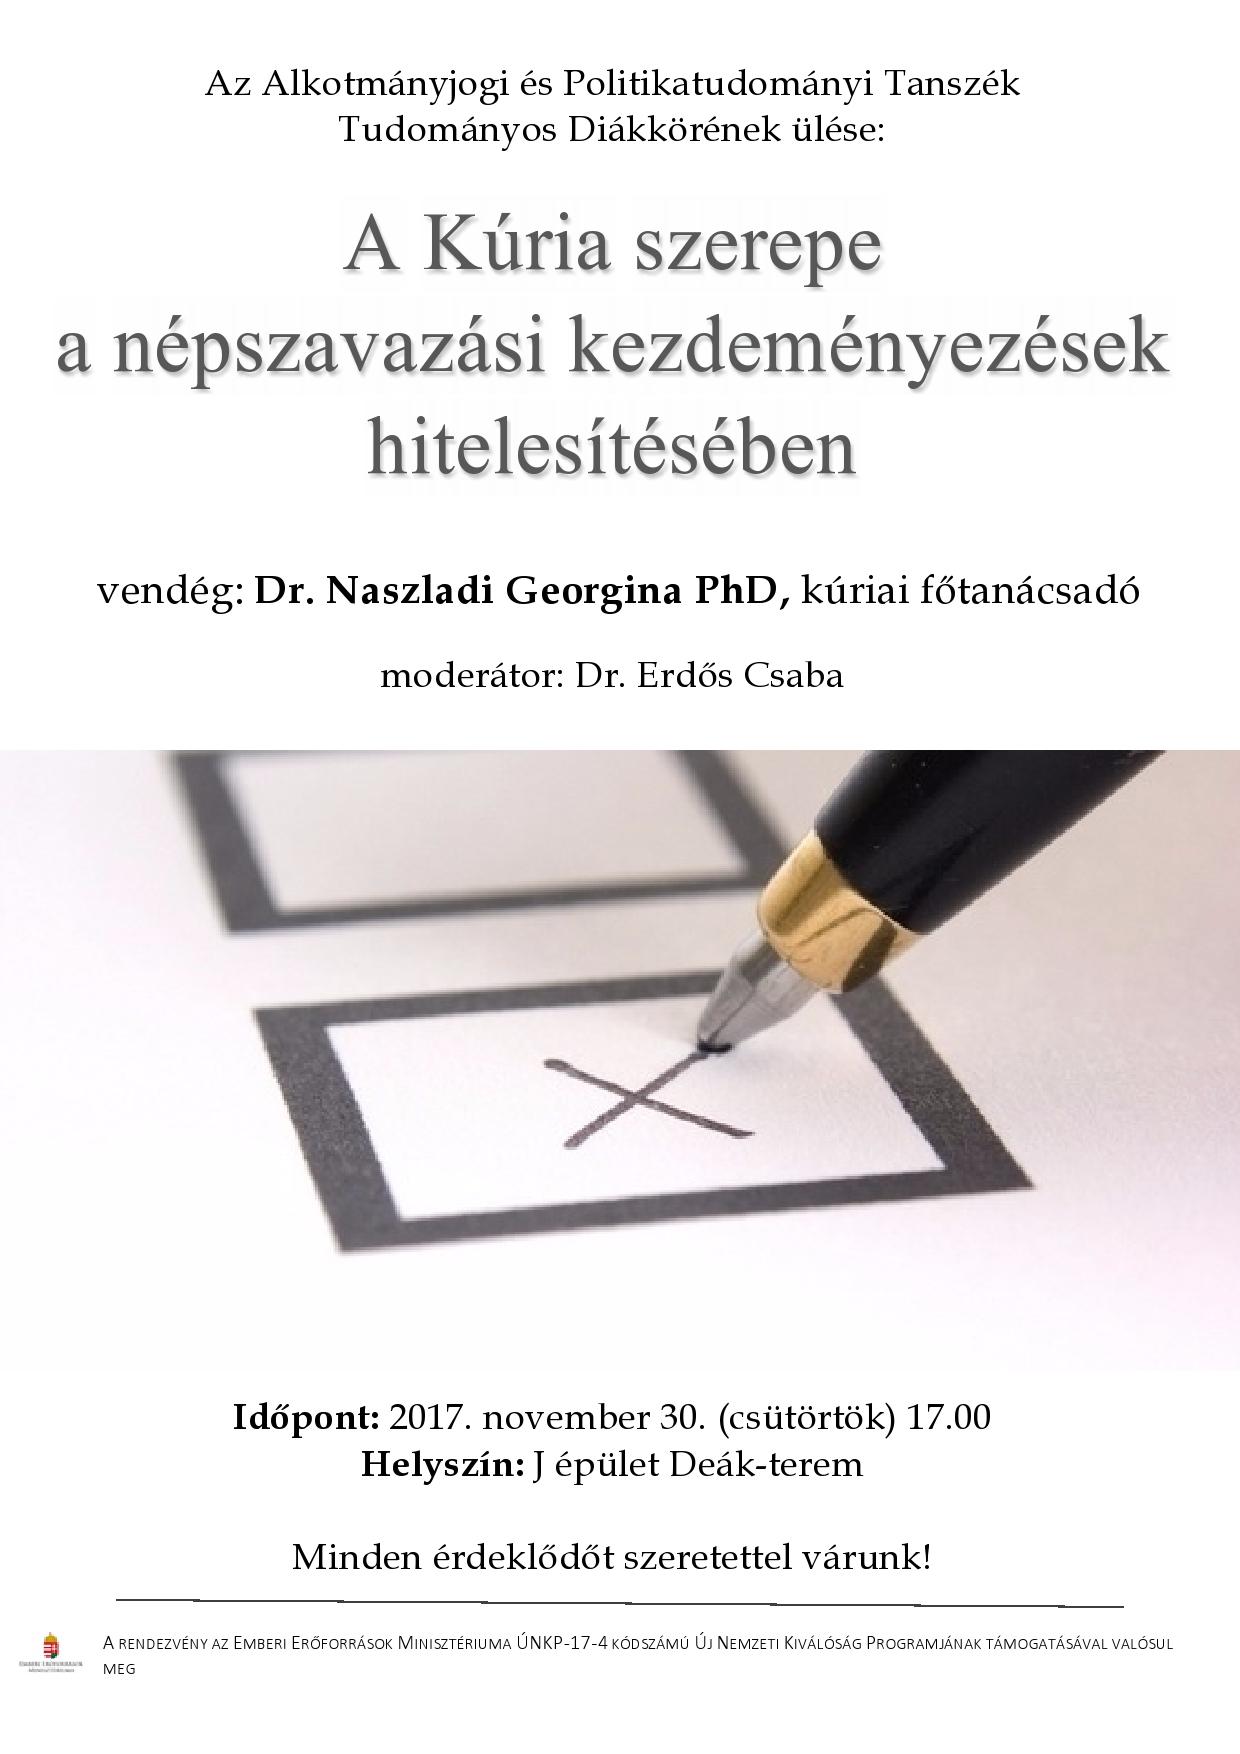 Alkotmányjogi TDK - 2017. november 30.